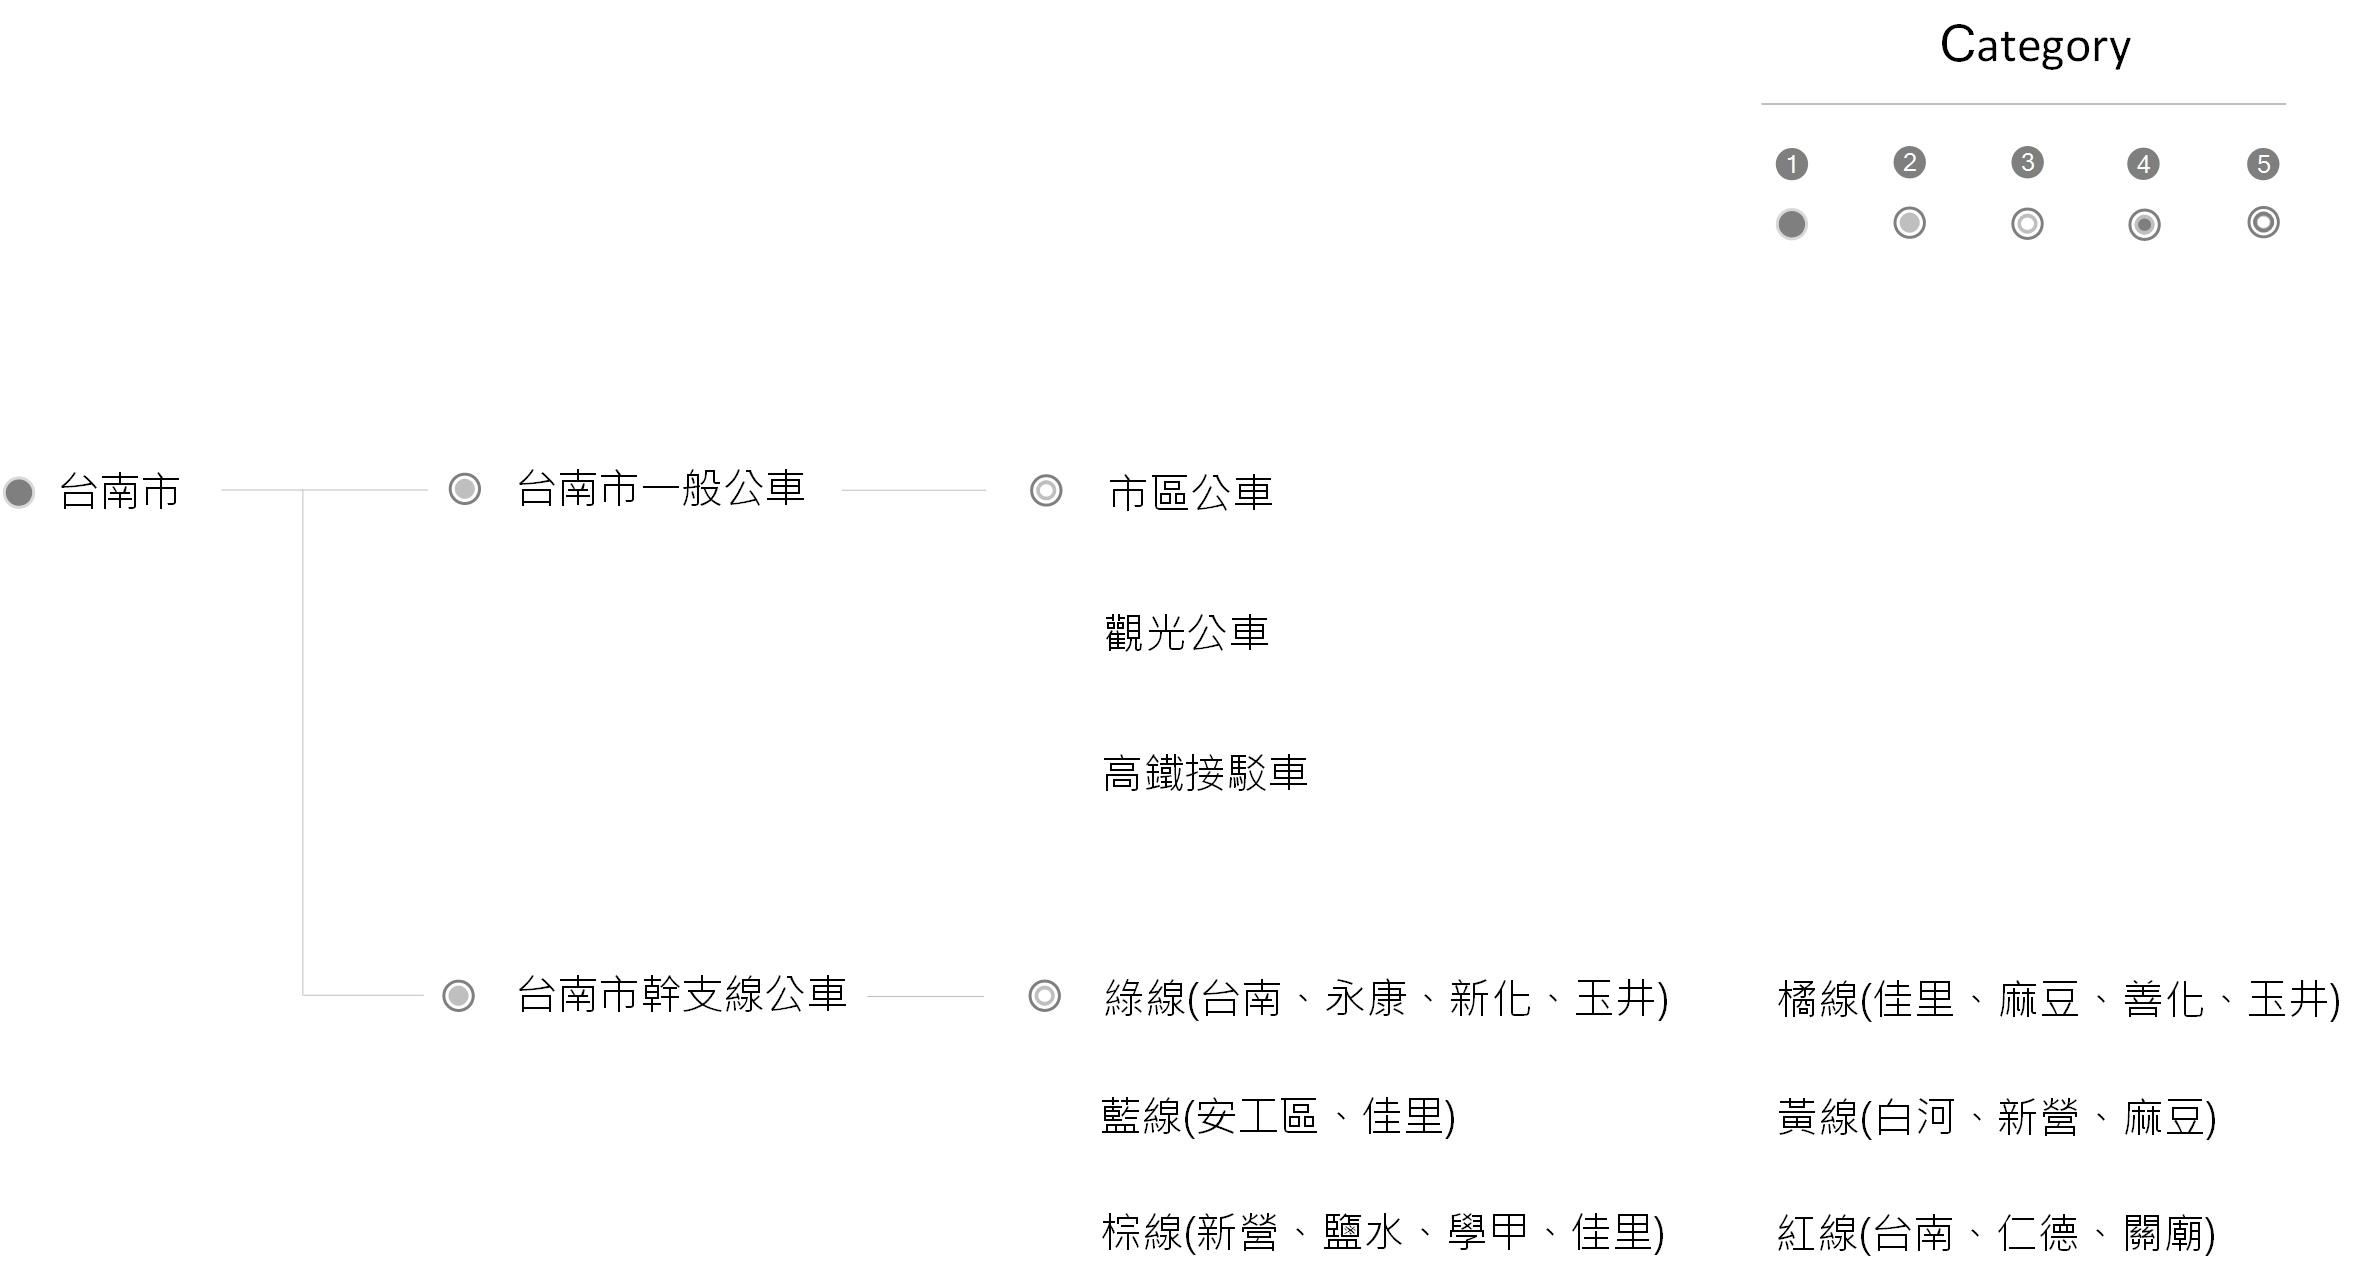 台南市公車架構圖